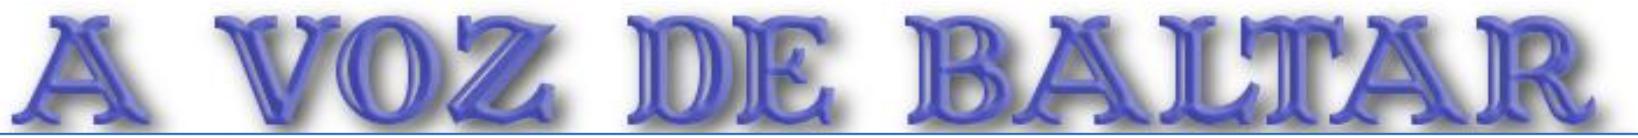 A Voz de Baltar logo